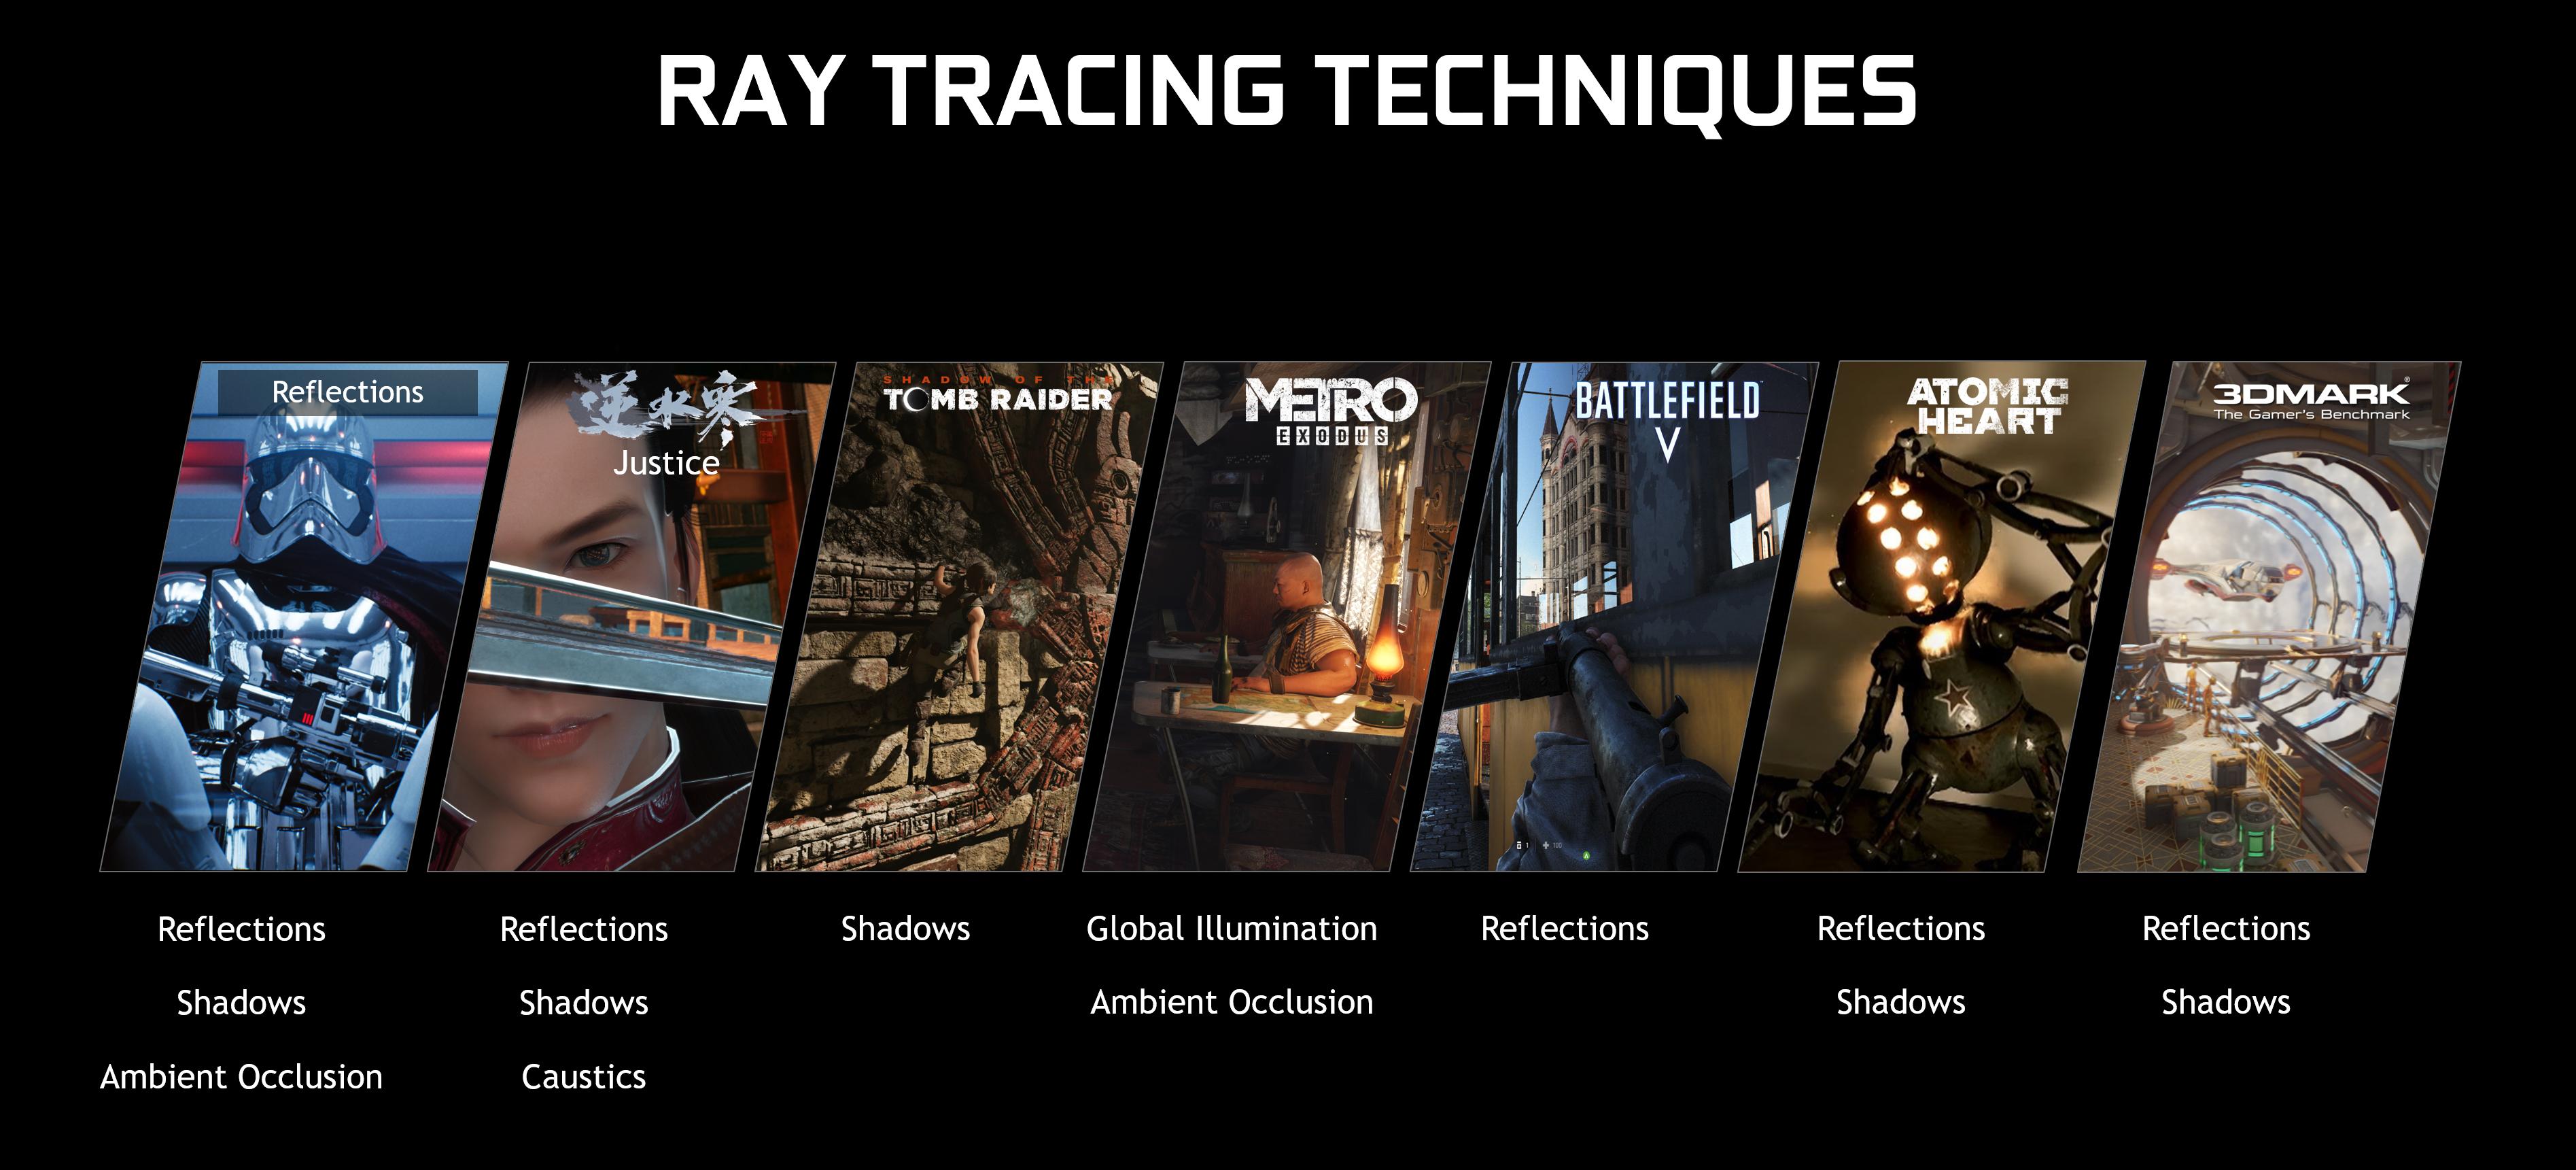 ما هي خاصية Ray Tracing في كروت الشاشة؟